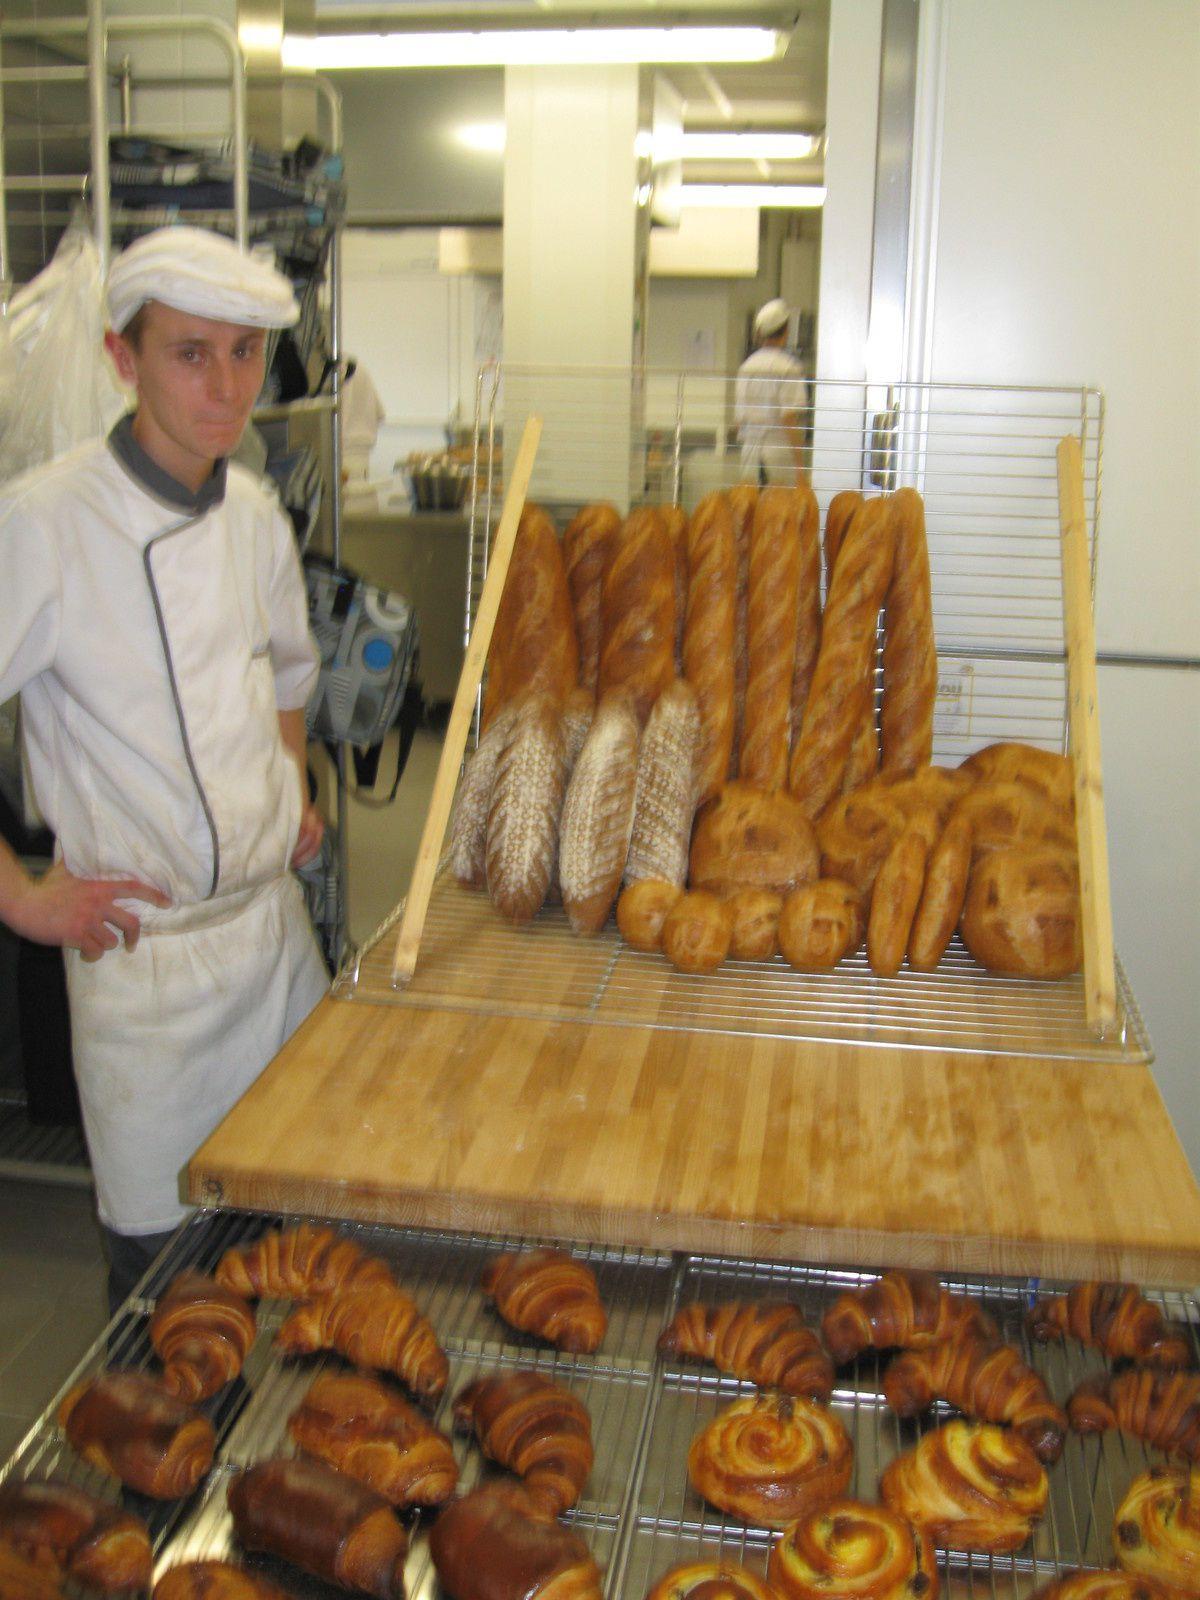 CAP boul 1 : Tradition, pains de seigle, croissants, pains chocolat et pains aux raisins... Déjà 6 mois depuis le début de la formation et beaucoup d'acquis!